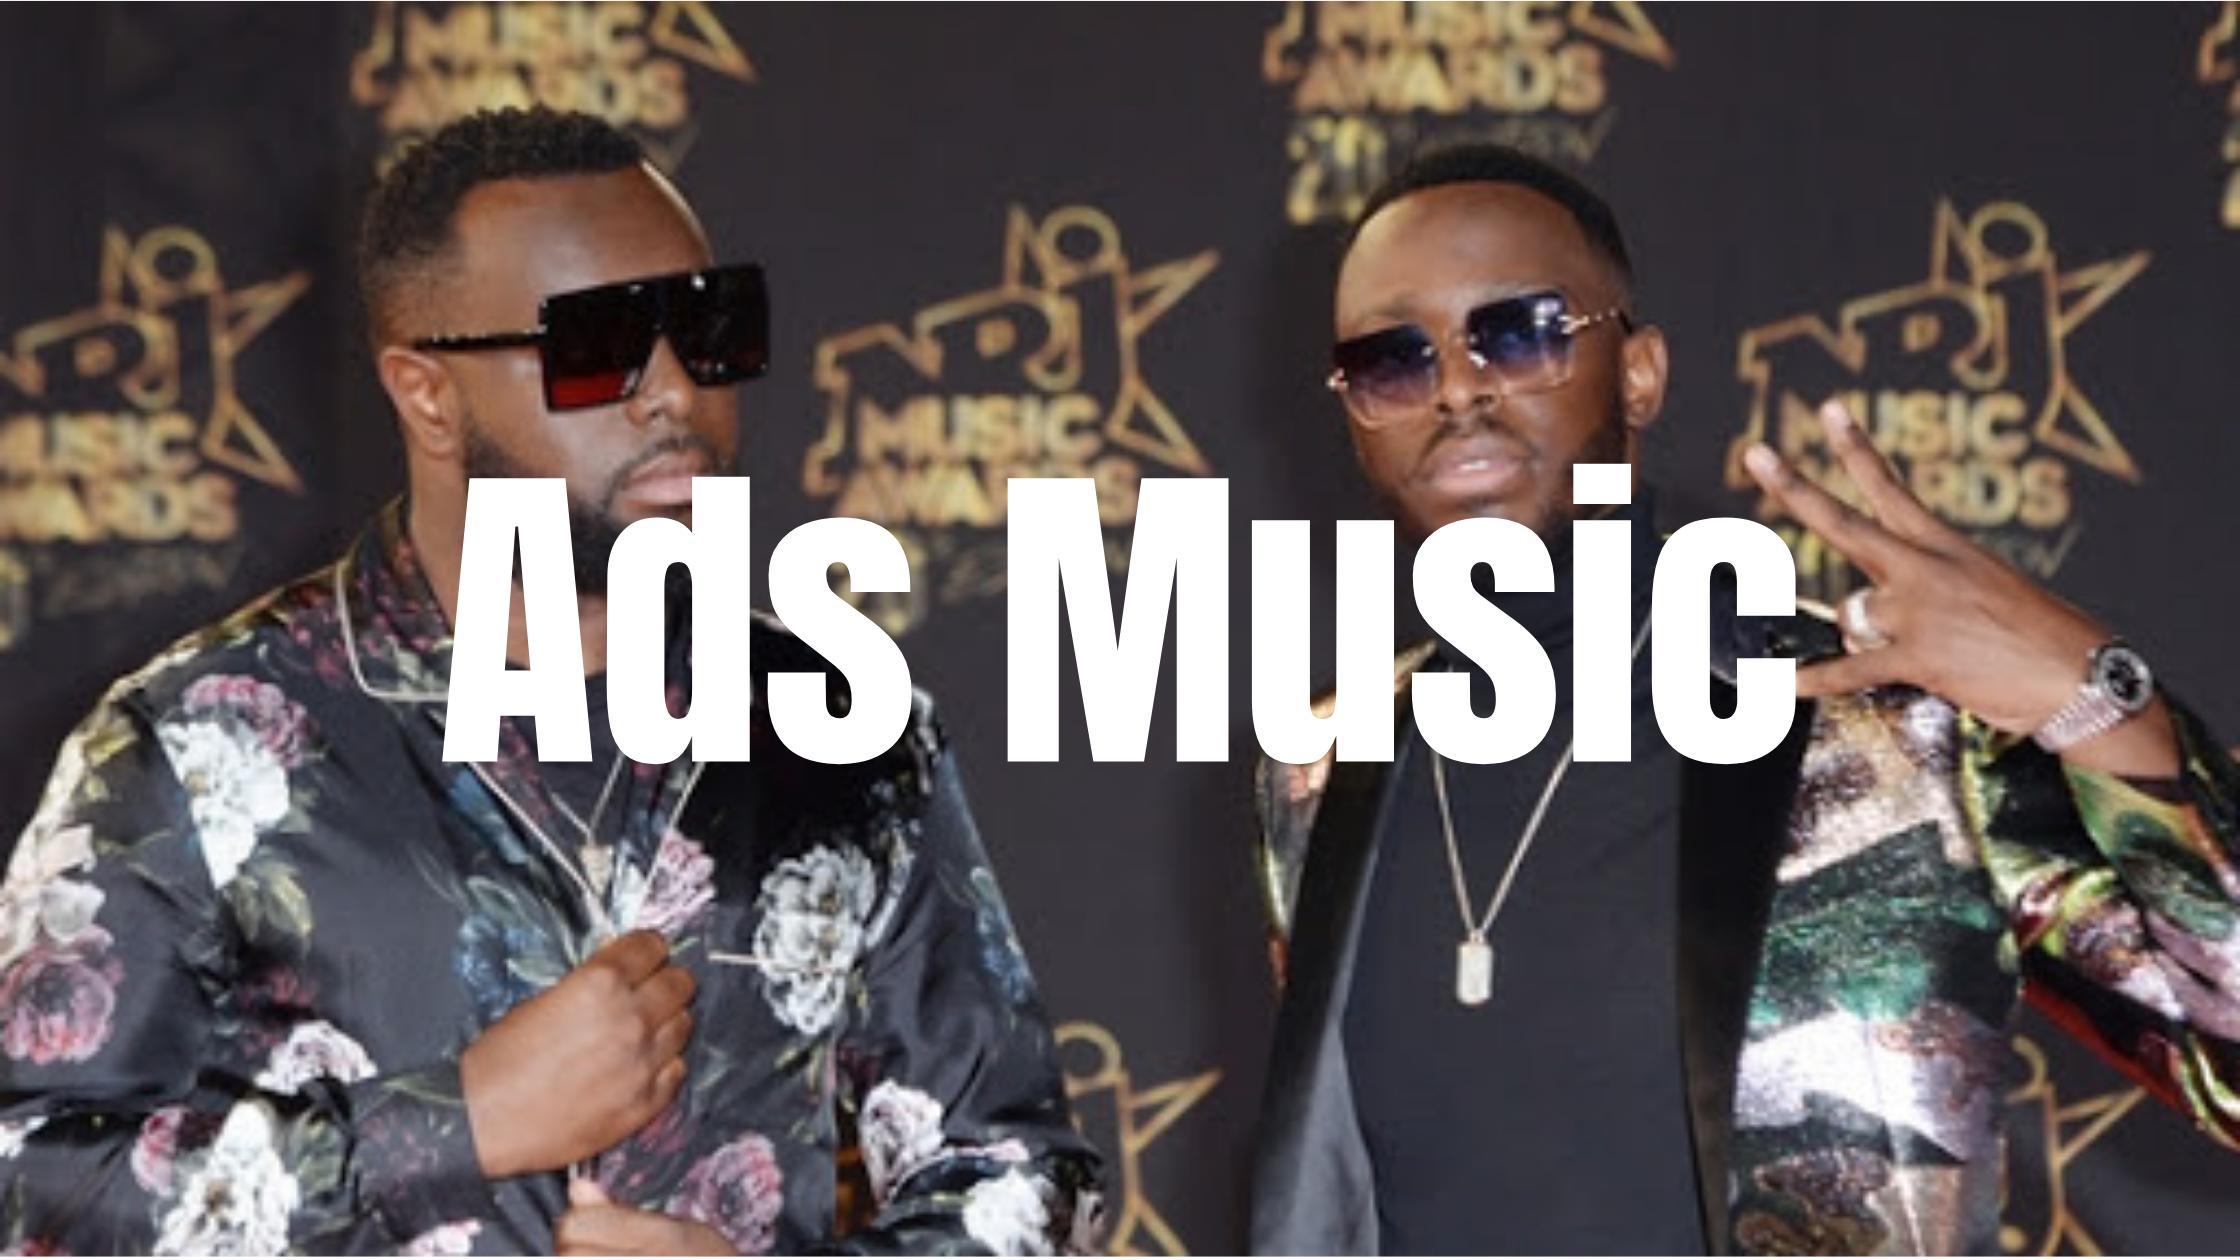 Ads Music, leader de la promotion musicale